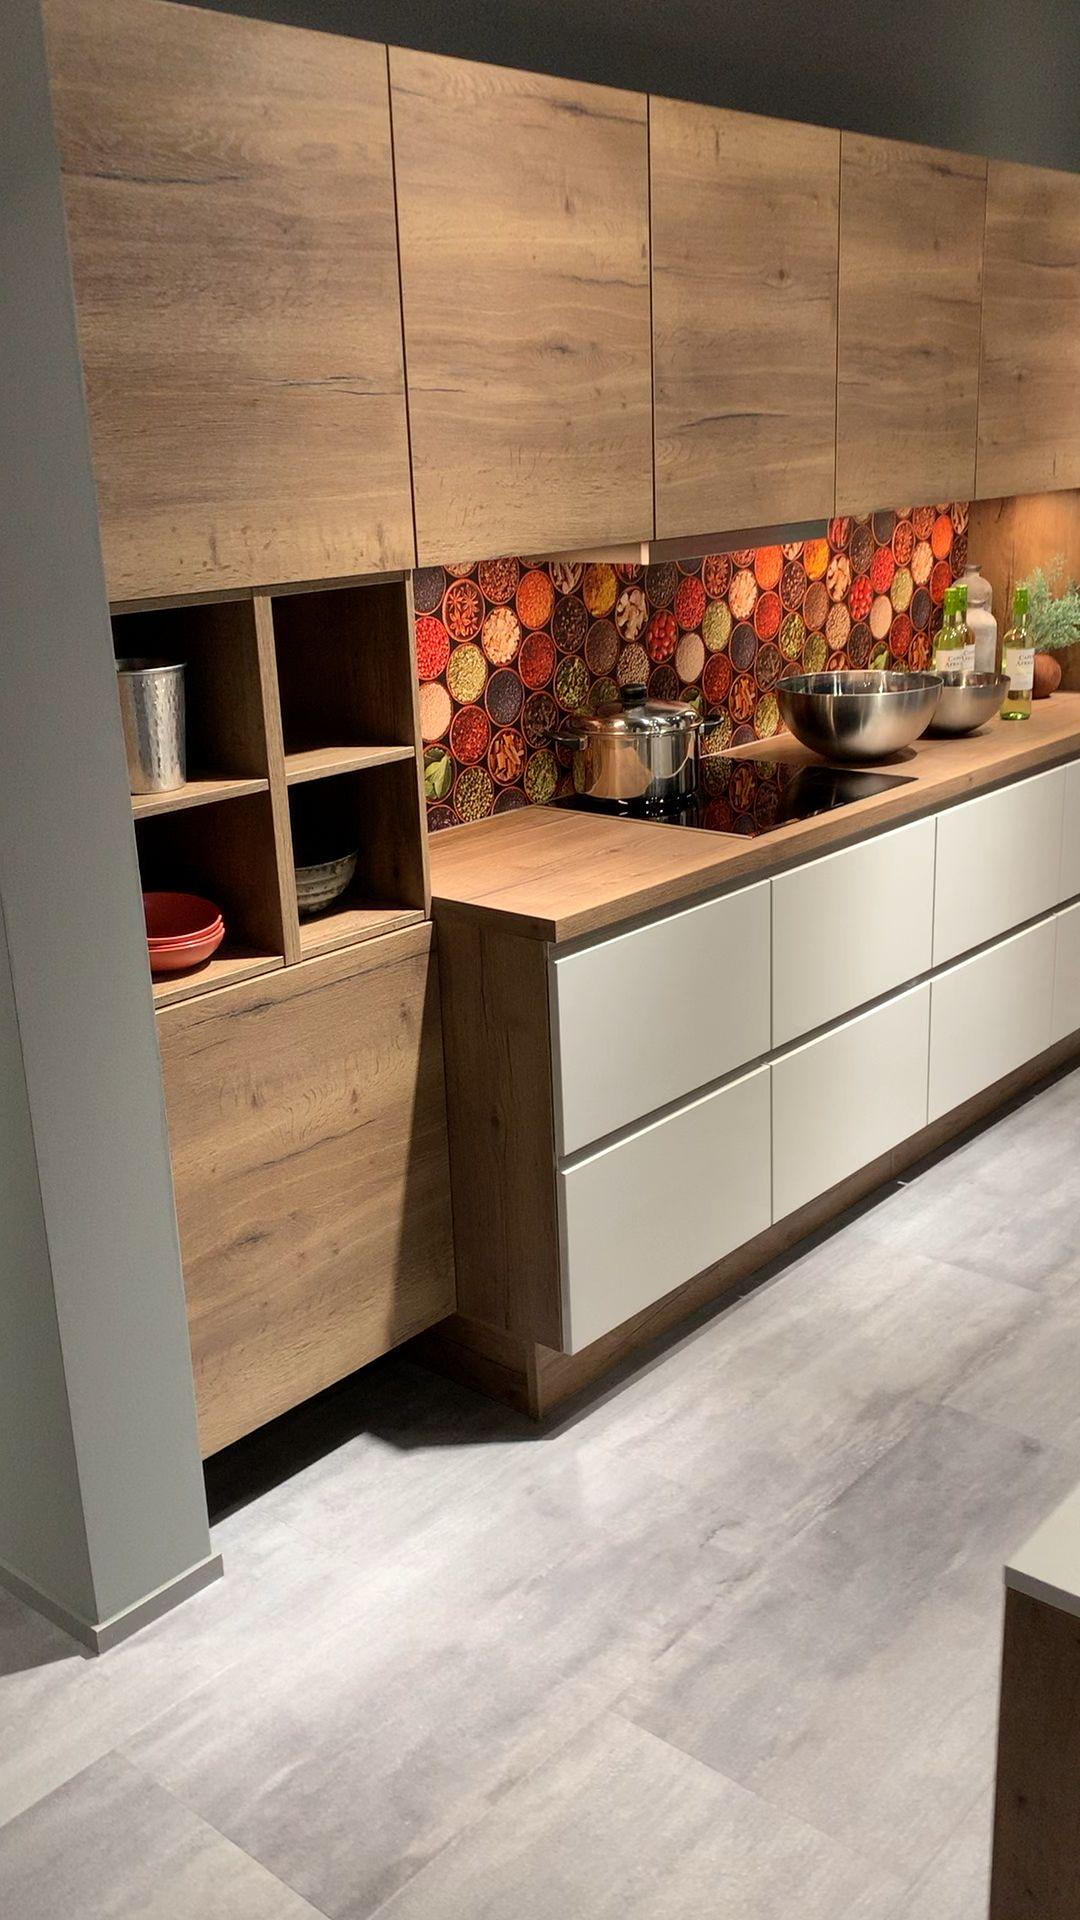 Die Lux In Seidengrau Mit Eiche Havanna Kombiniert Kitchen Kitcheninspiration Kitchendesign Kitchende Video Cozinhas Modernas Design De Cozinha Moveis Cozinha